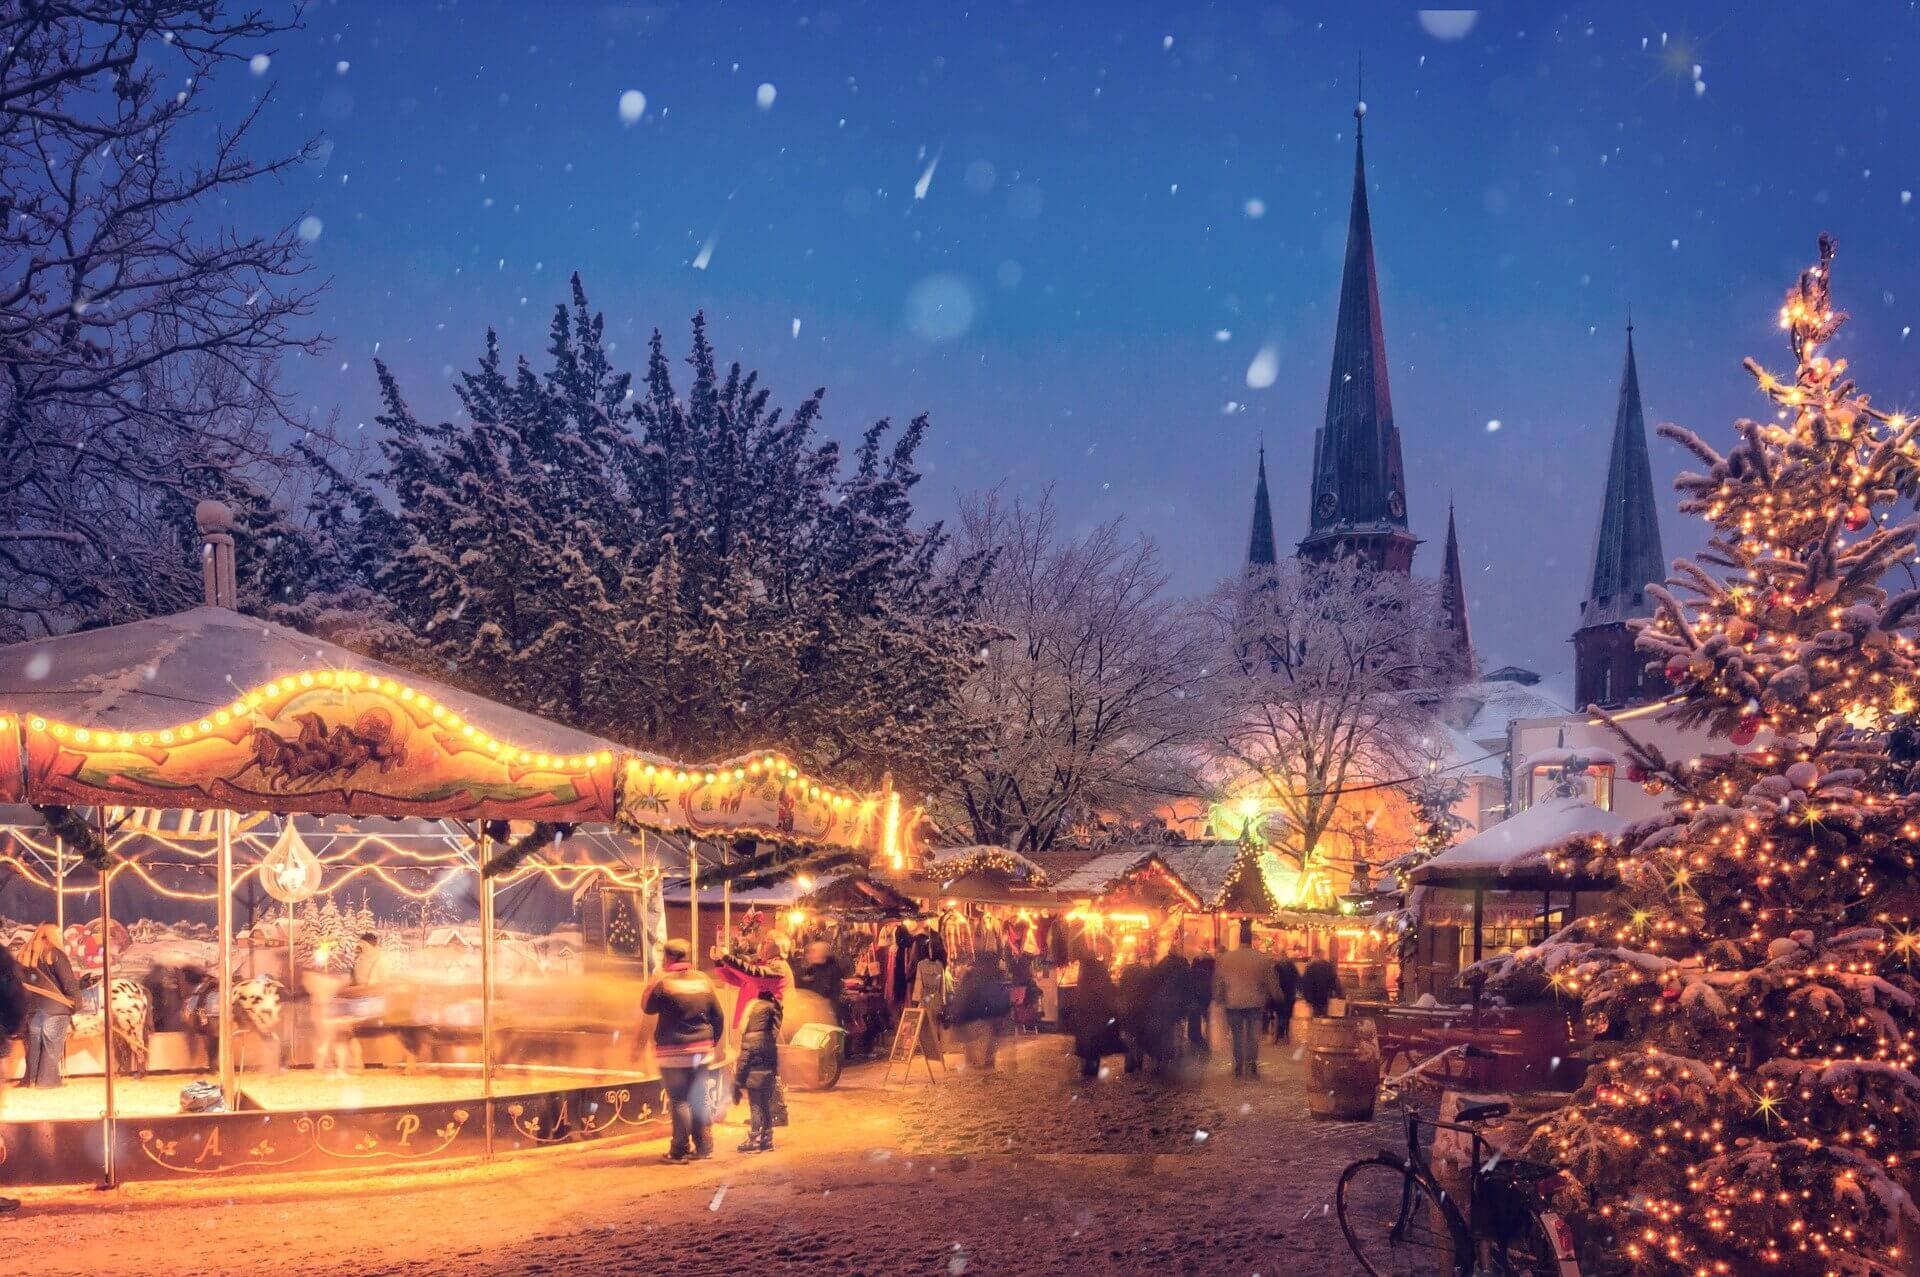 Det finns många trevliga julmarknader i Tyskland